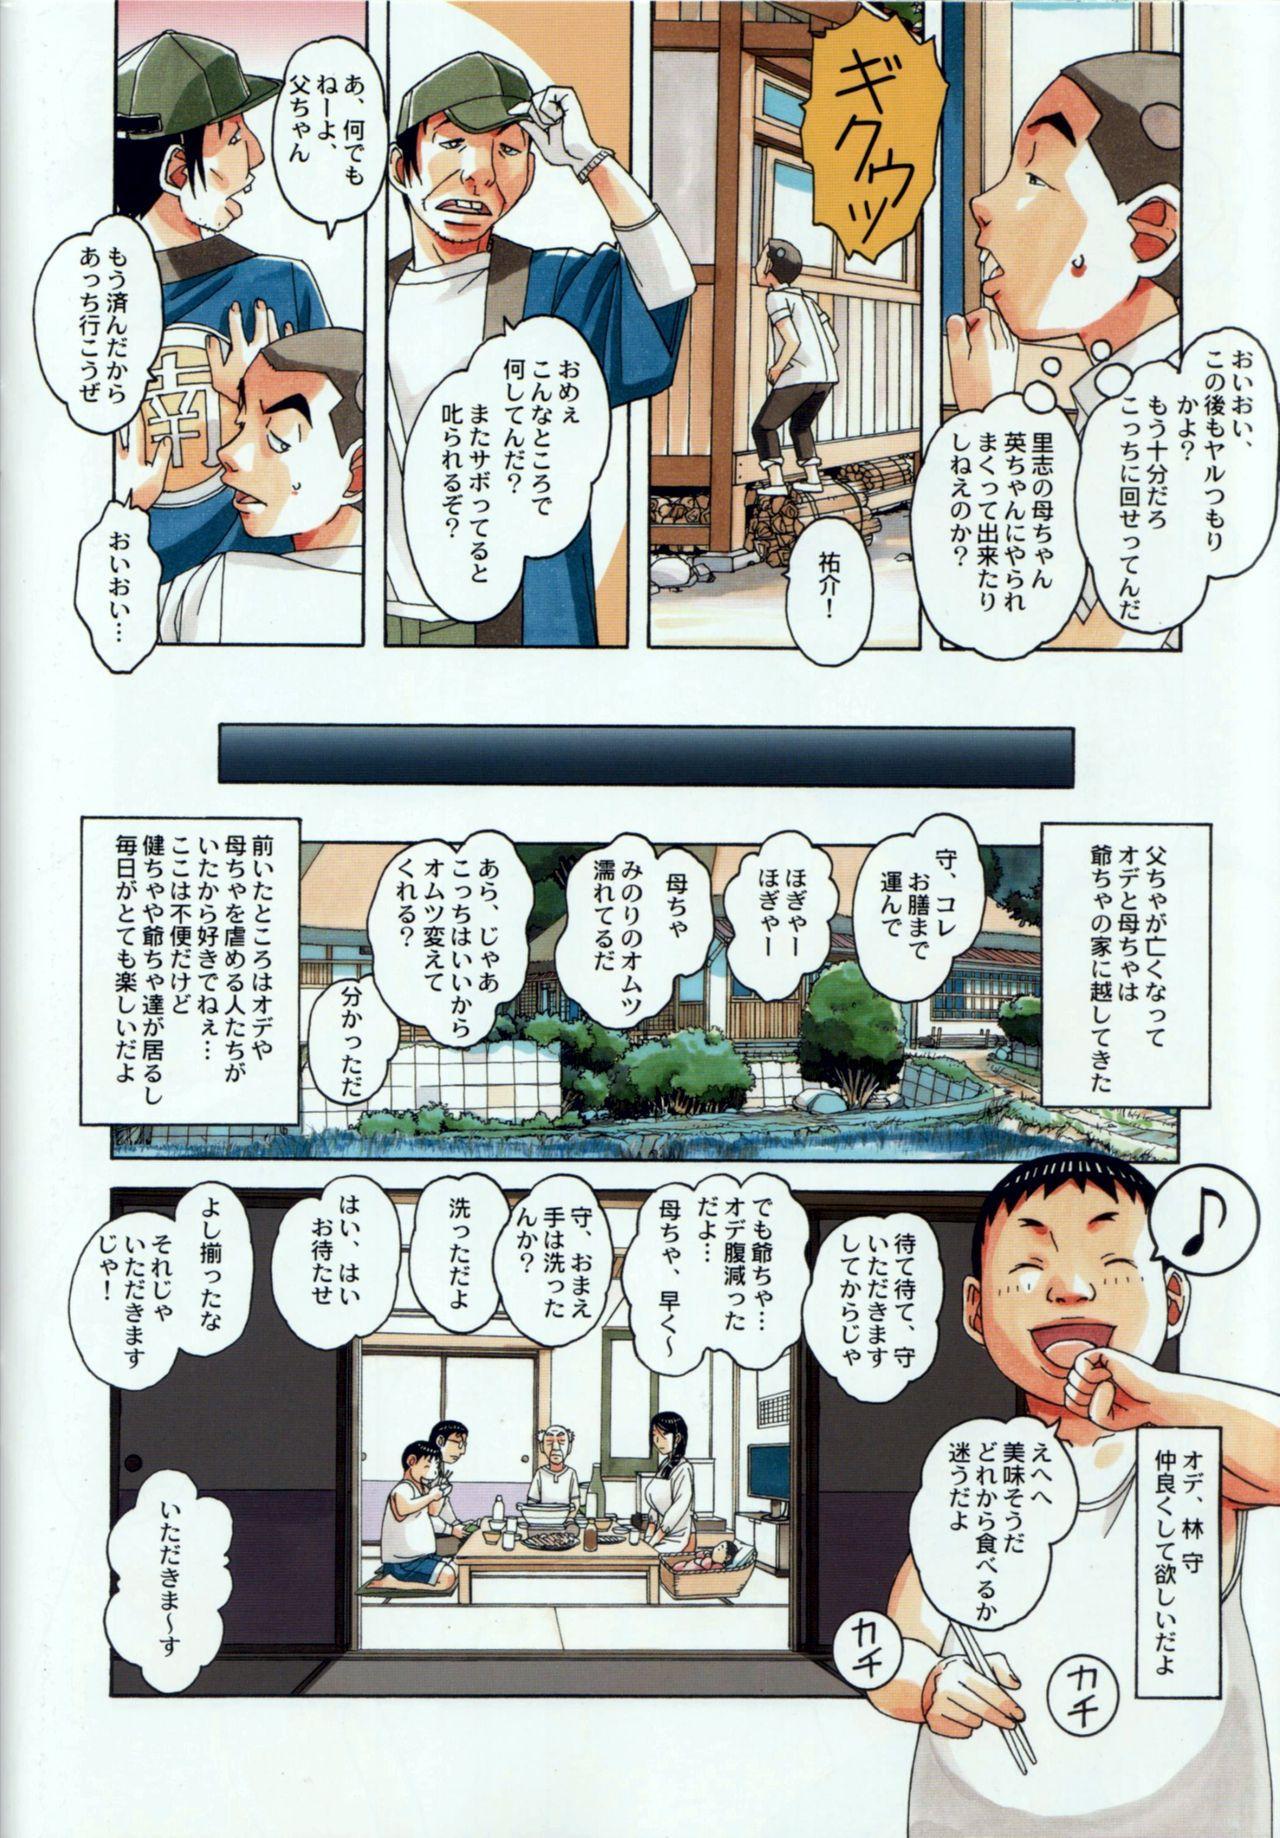 Kainuma Mura no Seikatsu Jijou 1 Gifuyome Chigusa 23